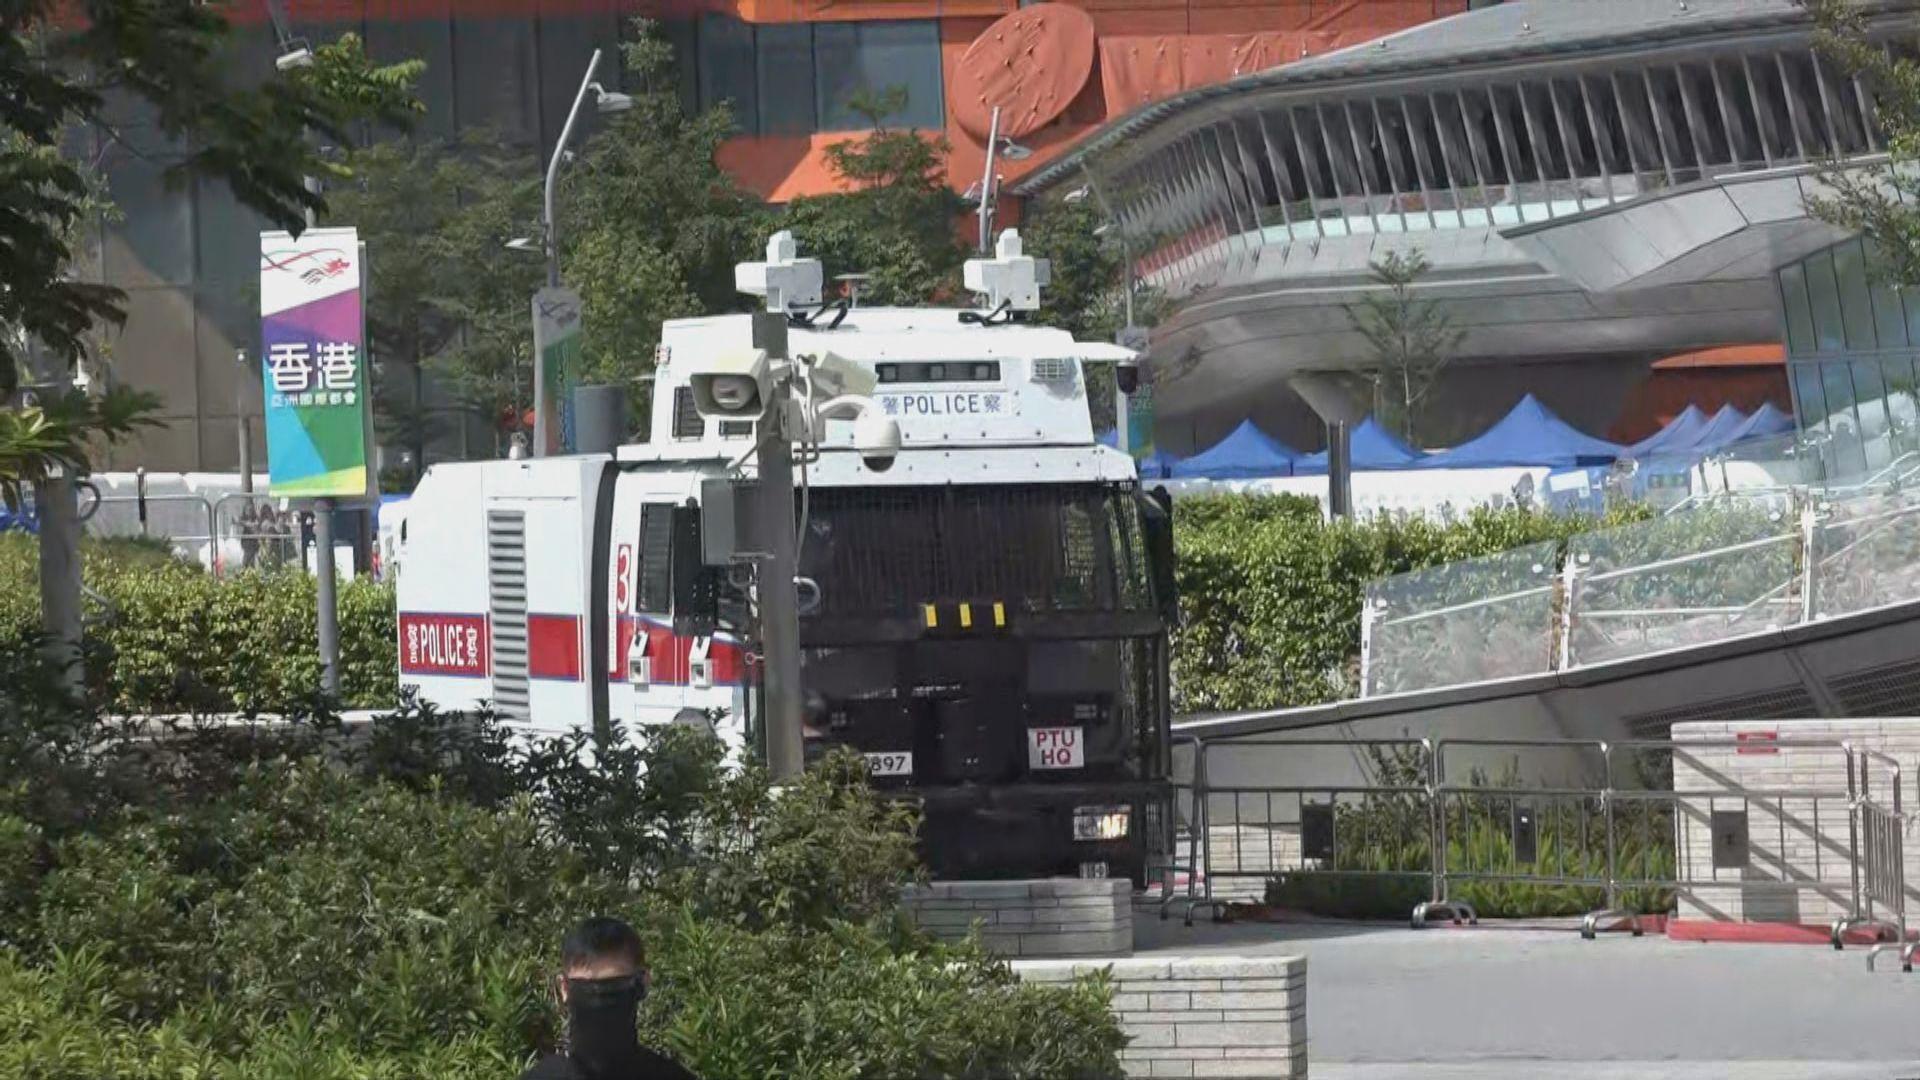 西九龍站外有水炮車及銳武裝甲車在場戒備